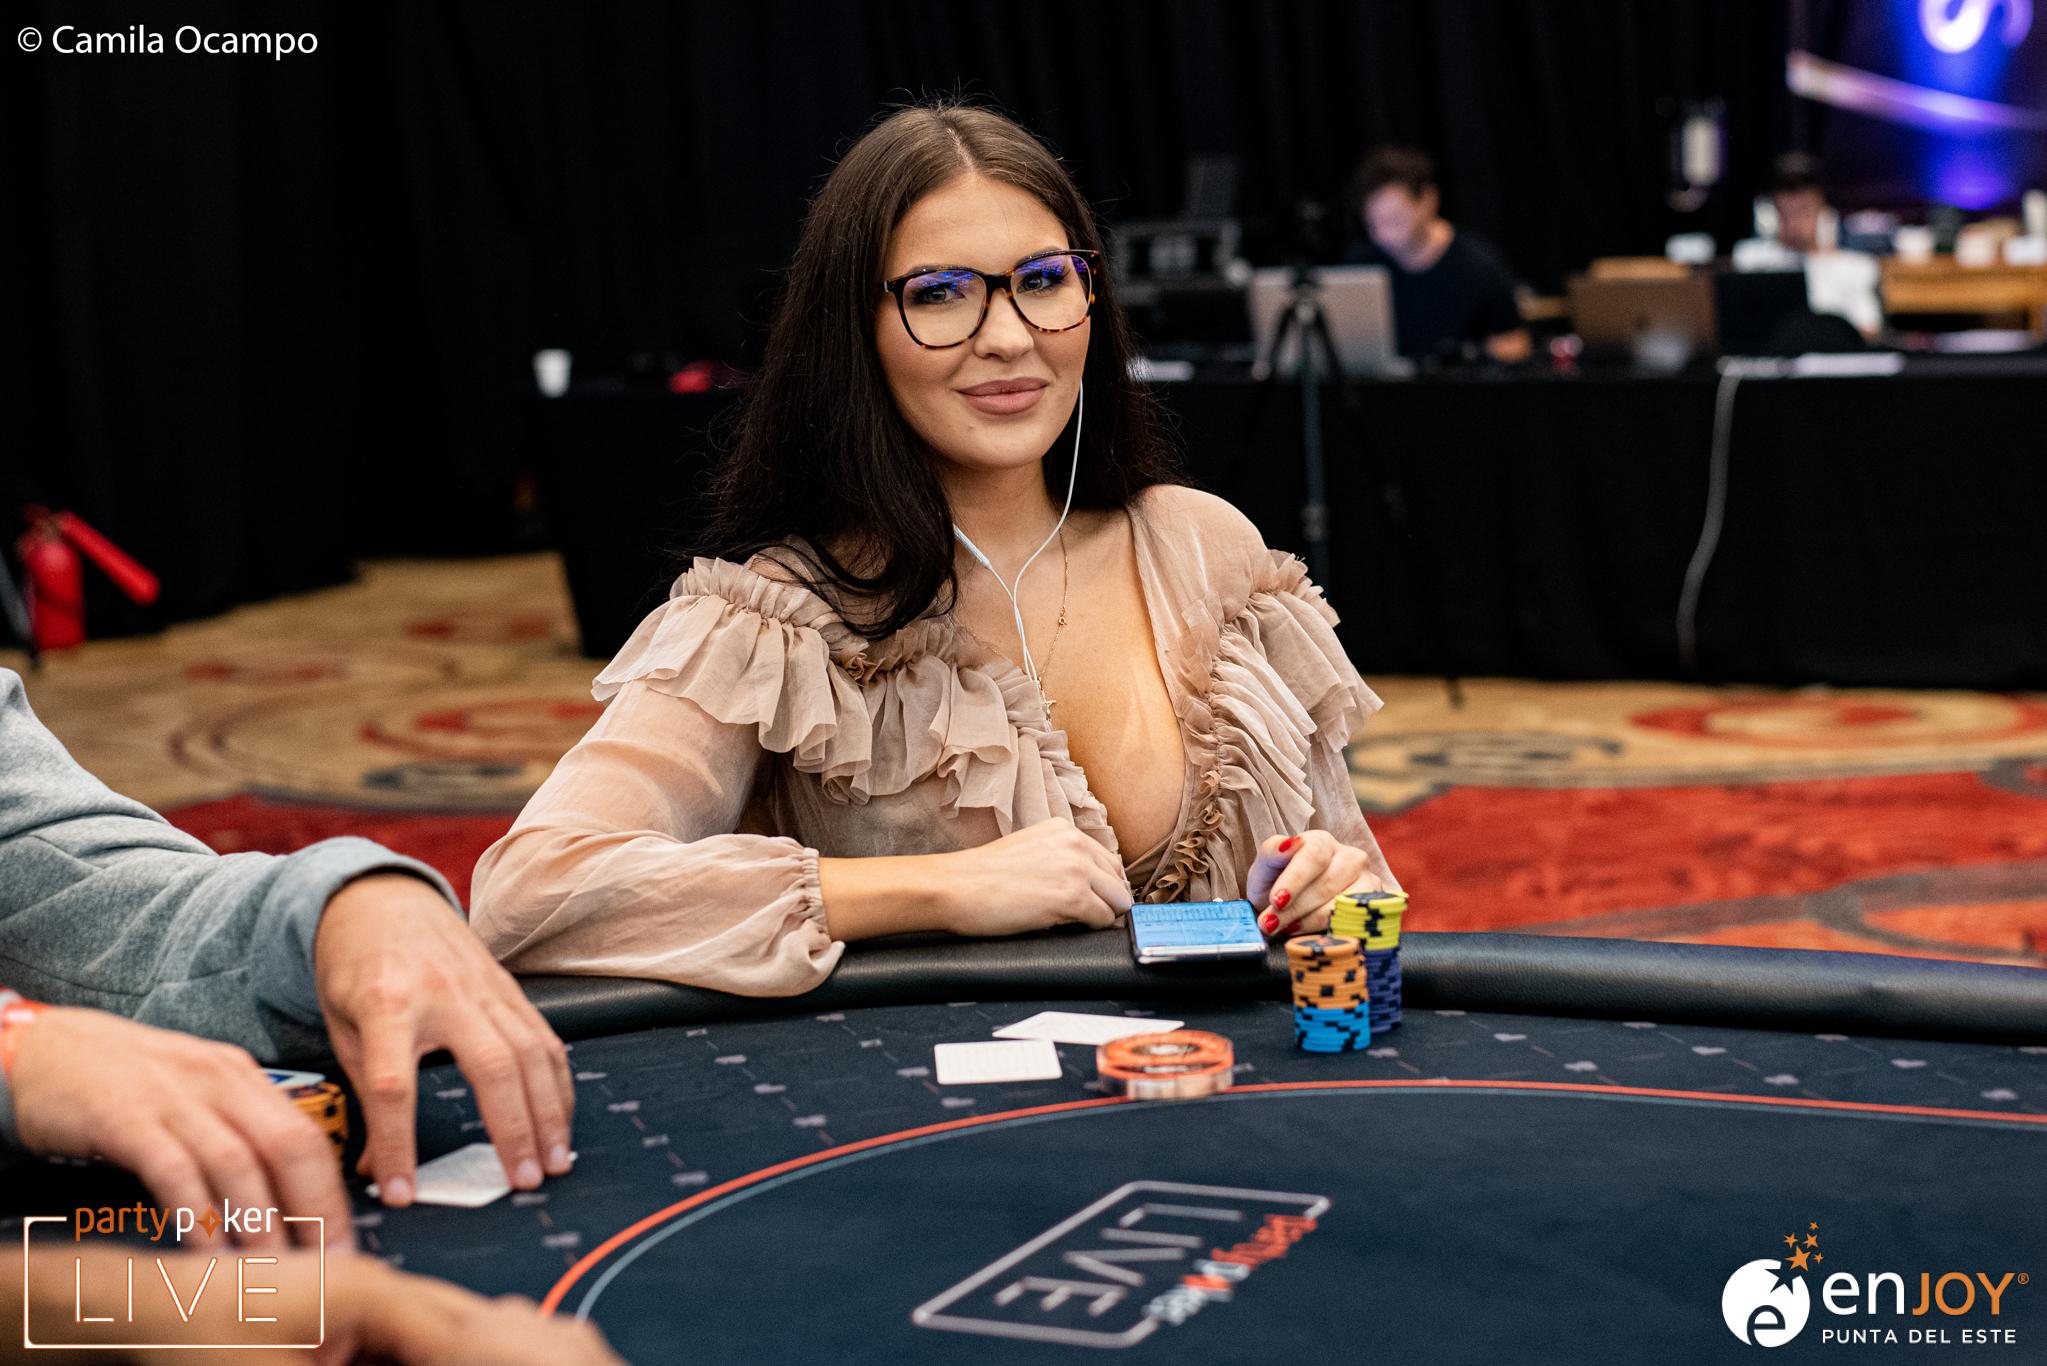 Darya Krashennikova